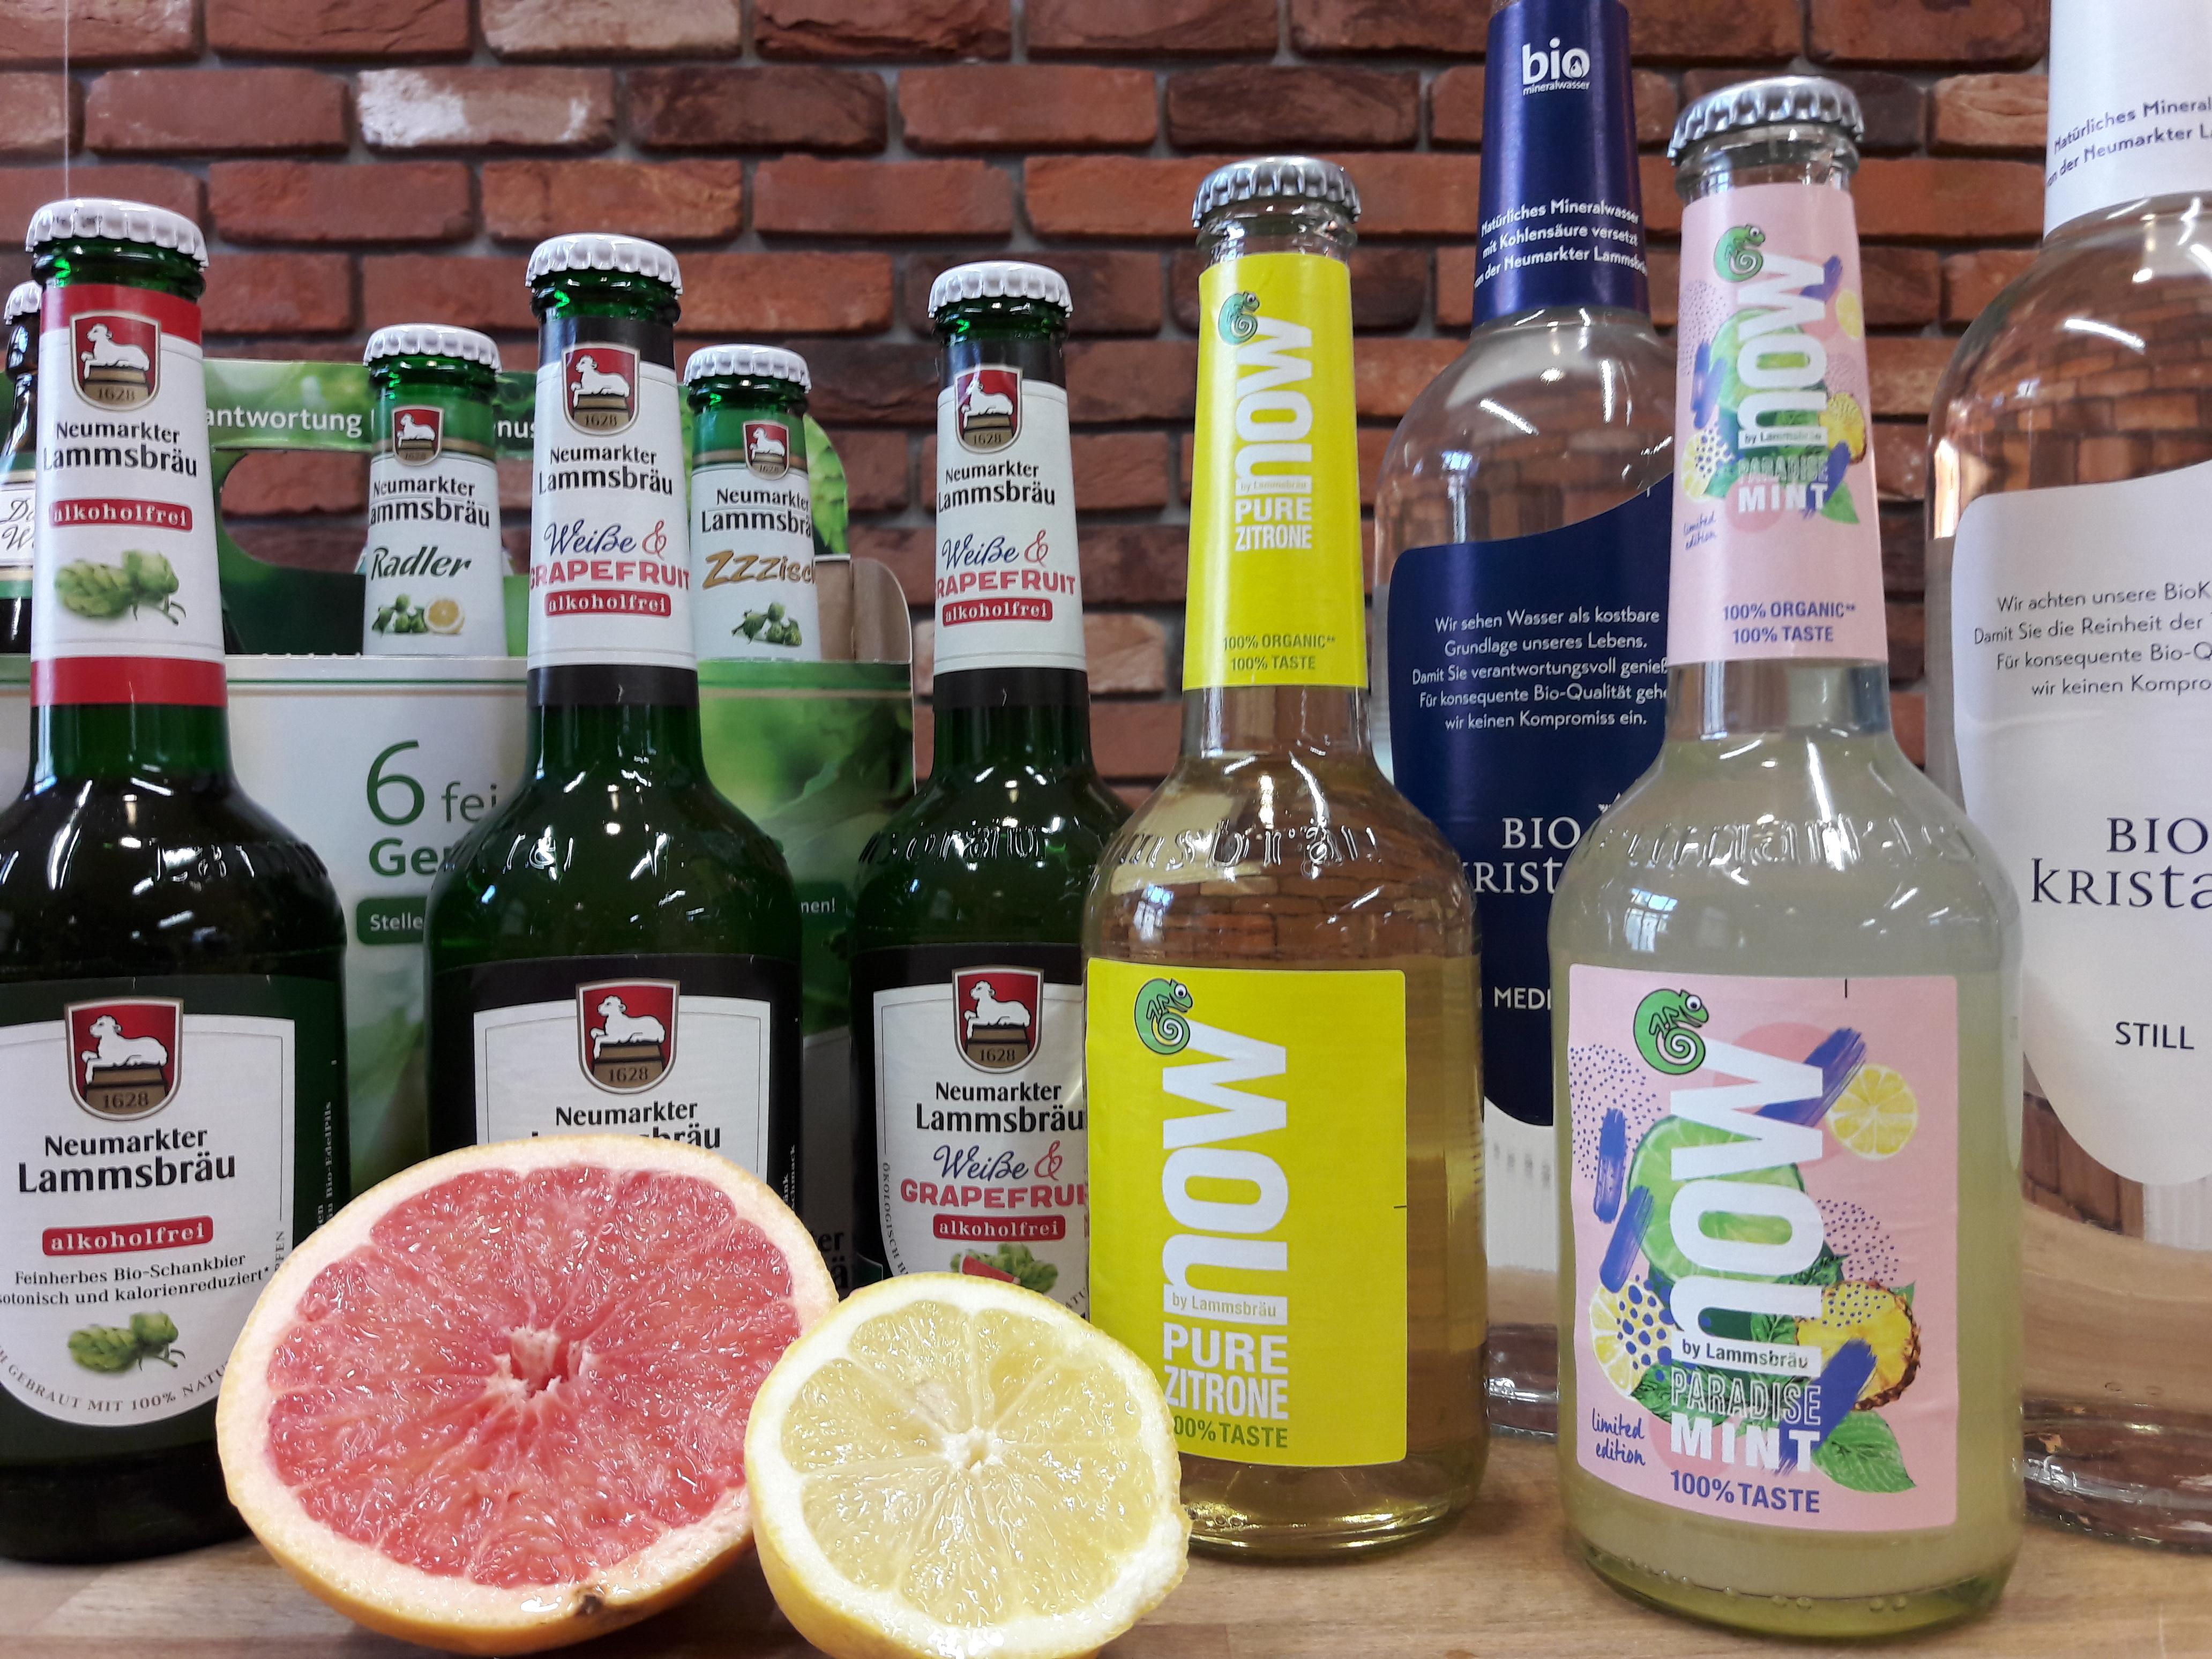 Frühlingshafte Genussmomente mit den spritzigen und fruchtigen Bio-Getränken der Brauerei Neumarkter Lammsbräu am Freitag, den 27. April 2018